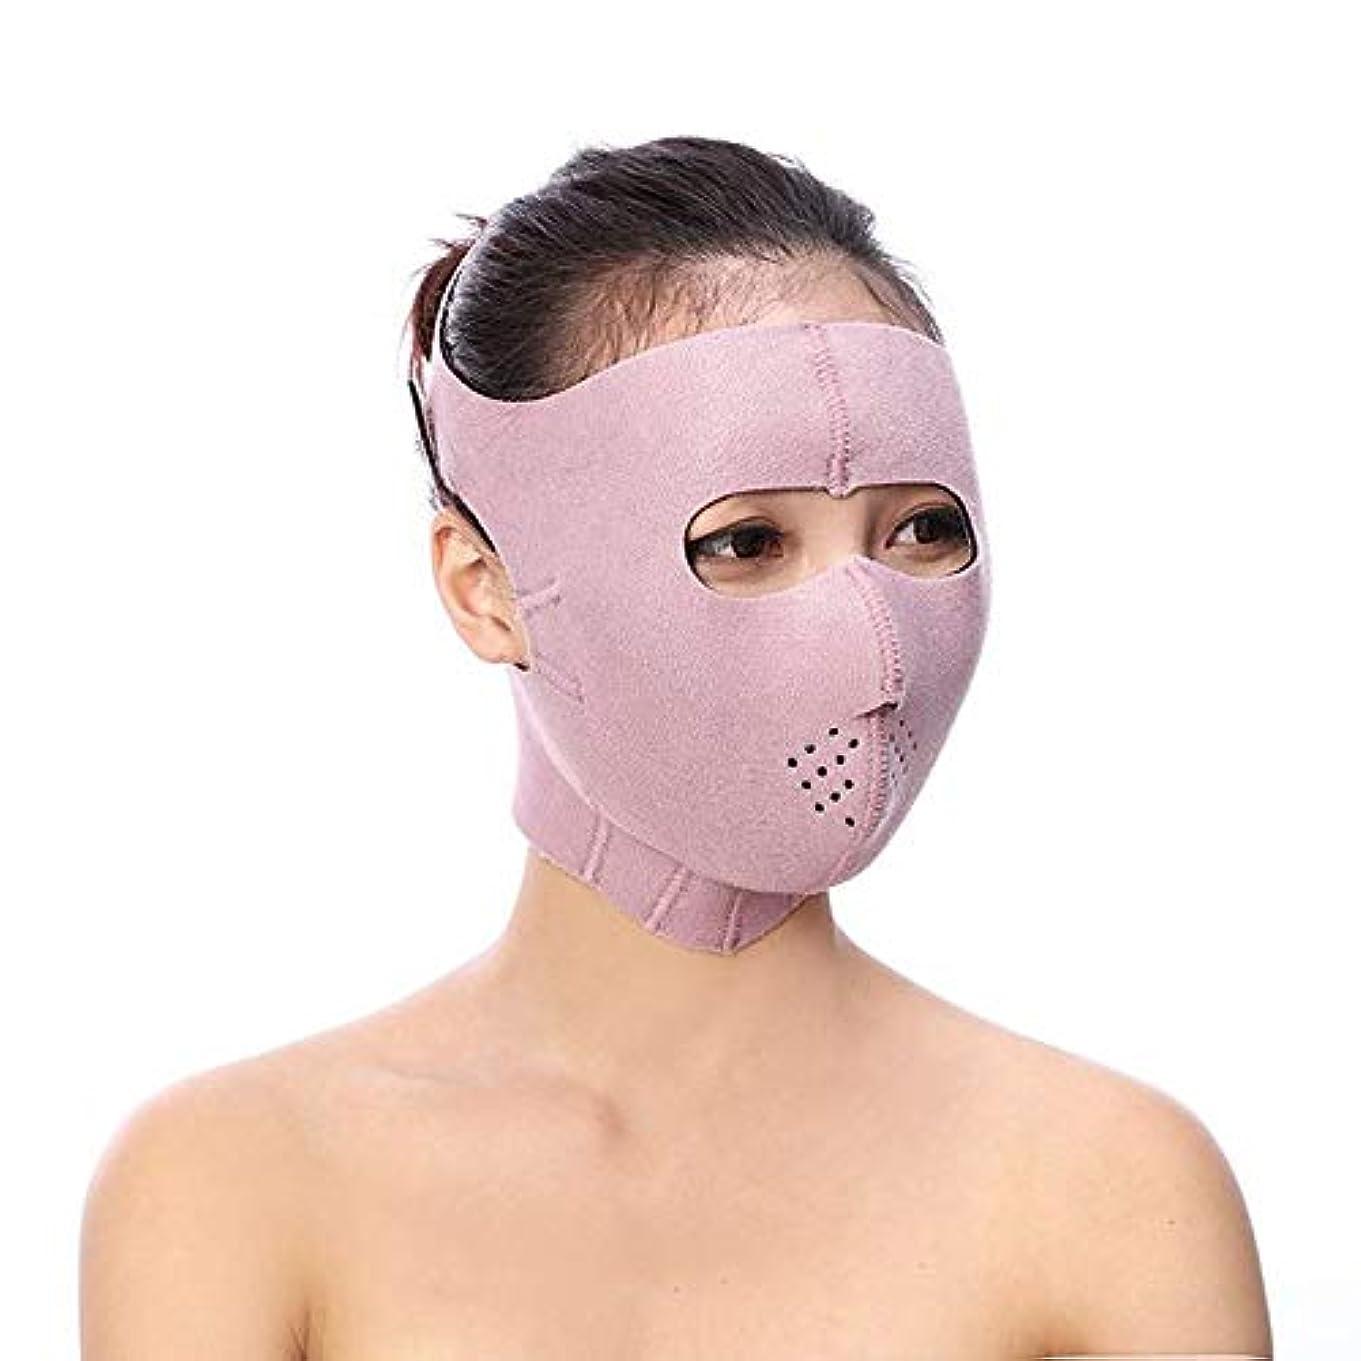 怠惰汚す代わりのフェイスリフティングベルト、フェイスリフティング包帯顔の形をしたV字形状により、睡眠の質が向上します。 (Color : Pink)